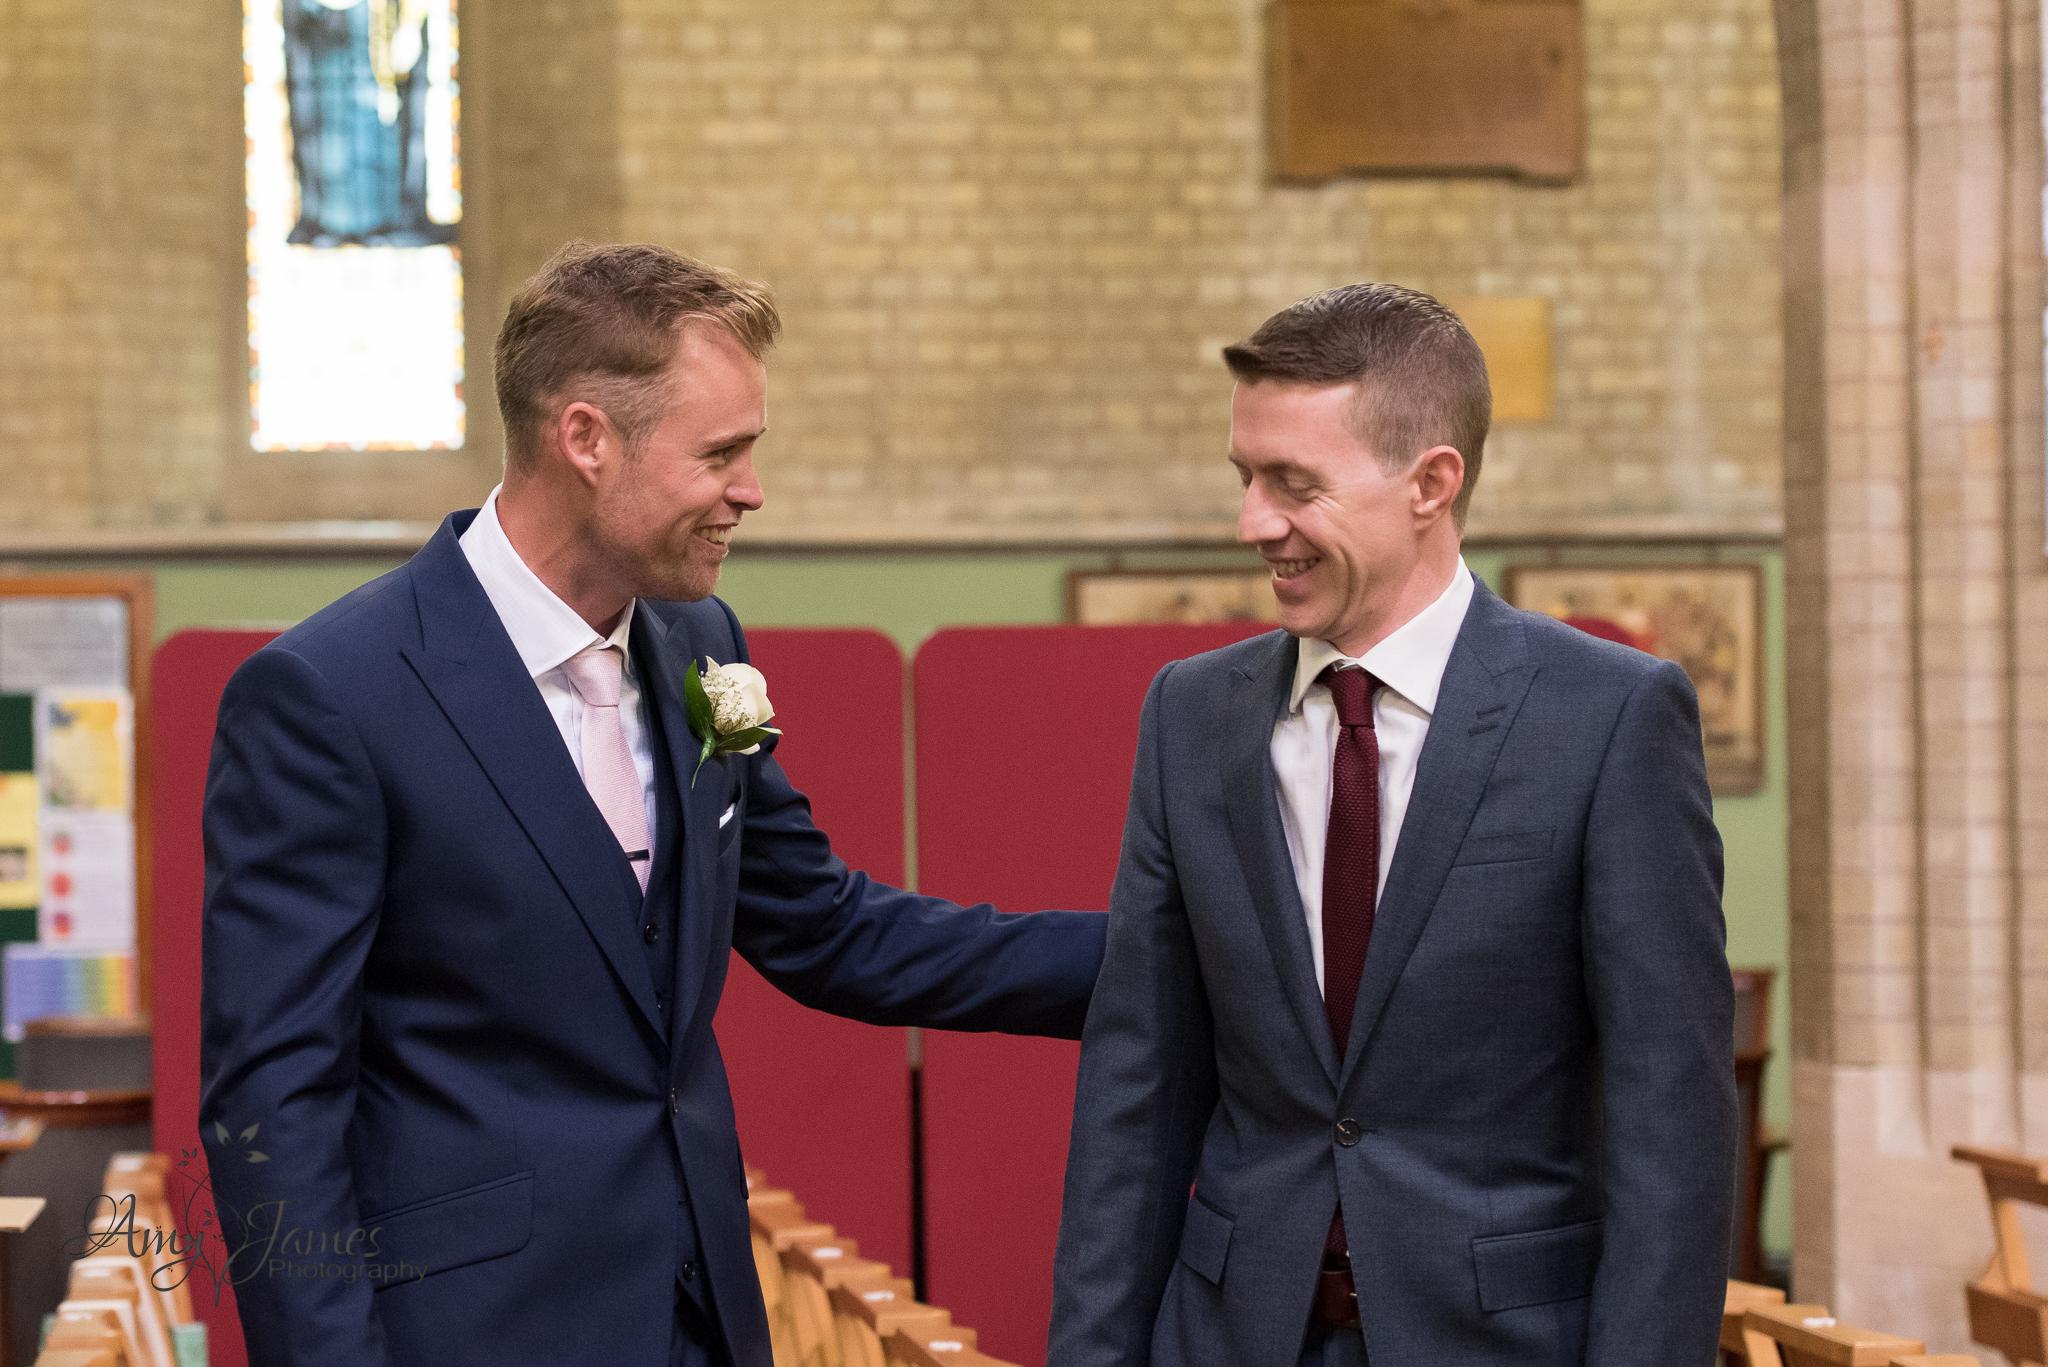 Hamsphire wedding photographer // Fleet wedding Photographer // Warbrook House wedding photographer // Aldershot Garrison wedding